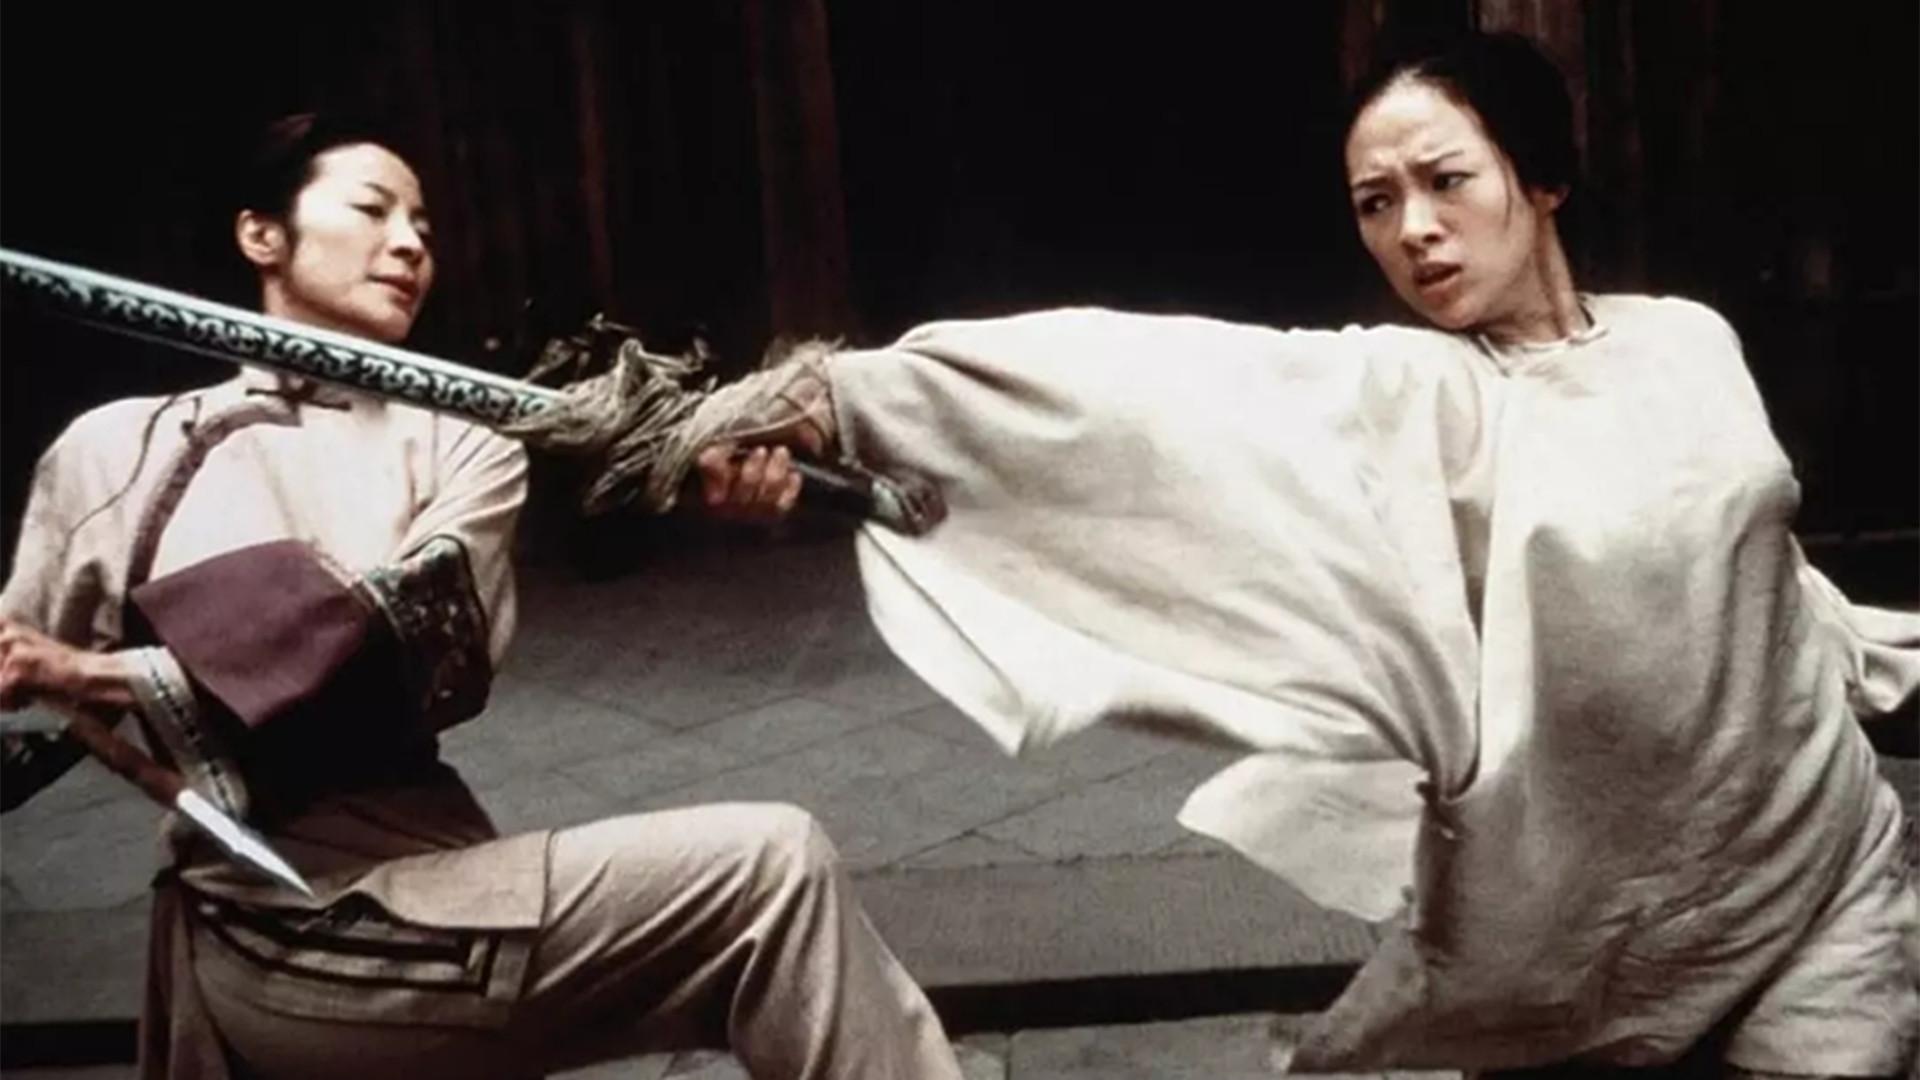 海外票房最高的五部华语电影,最后一部打破北美外语电影史票房榜